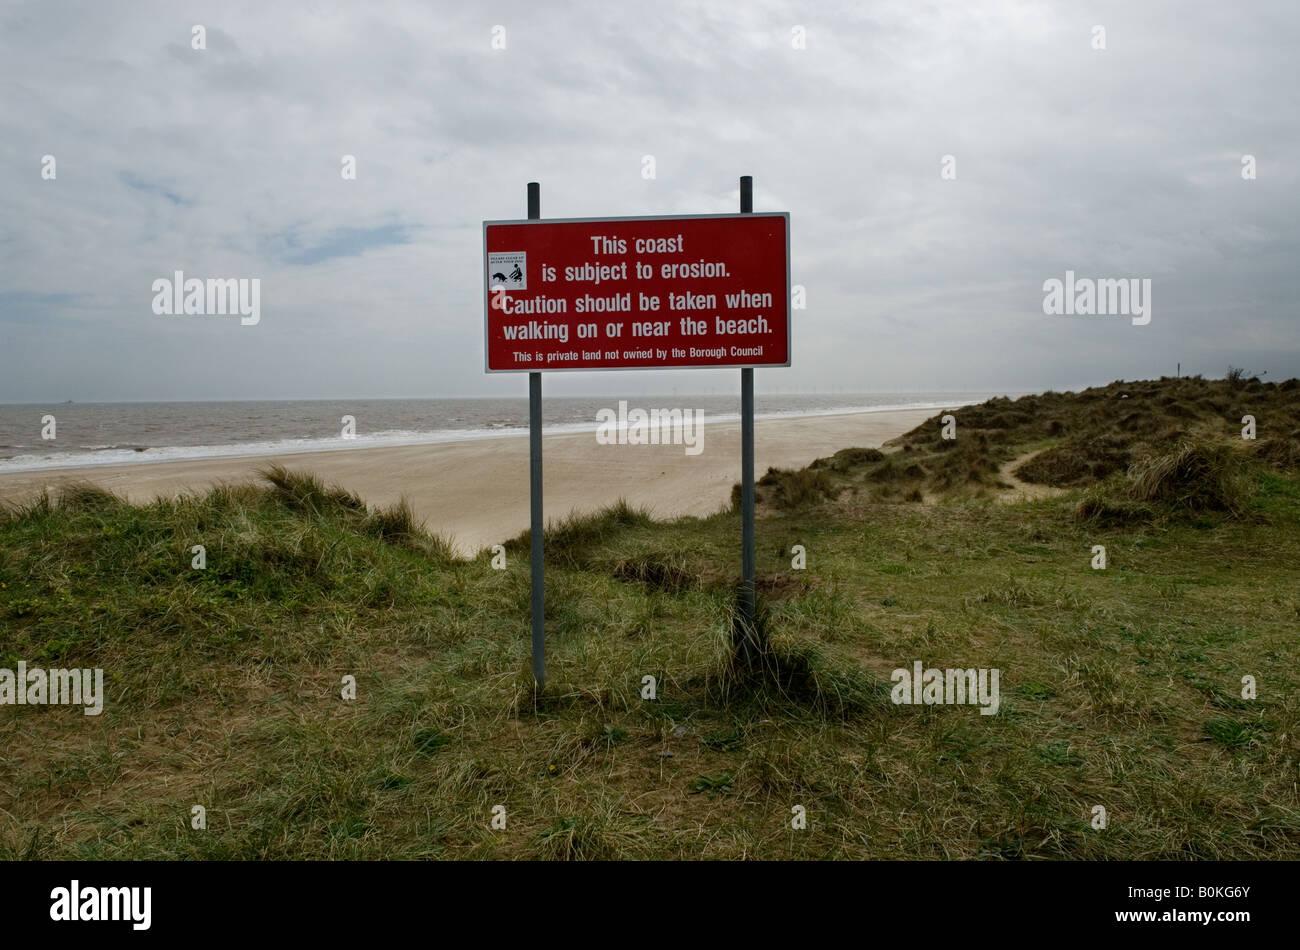 La Grande-Bretagne Angleterre Royaume-Uni érosion Érosion côtière plage mer le réchauffement Photo Stock